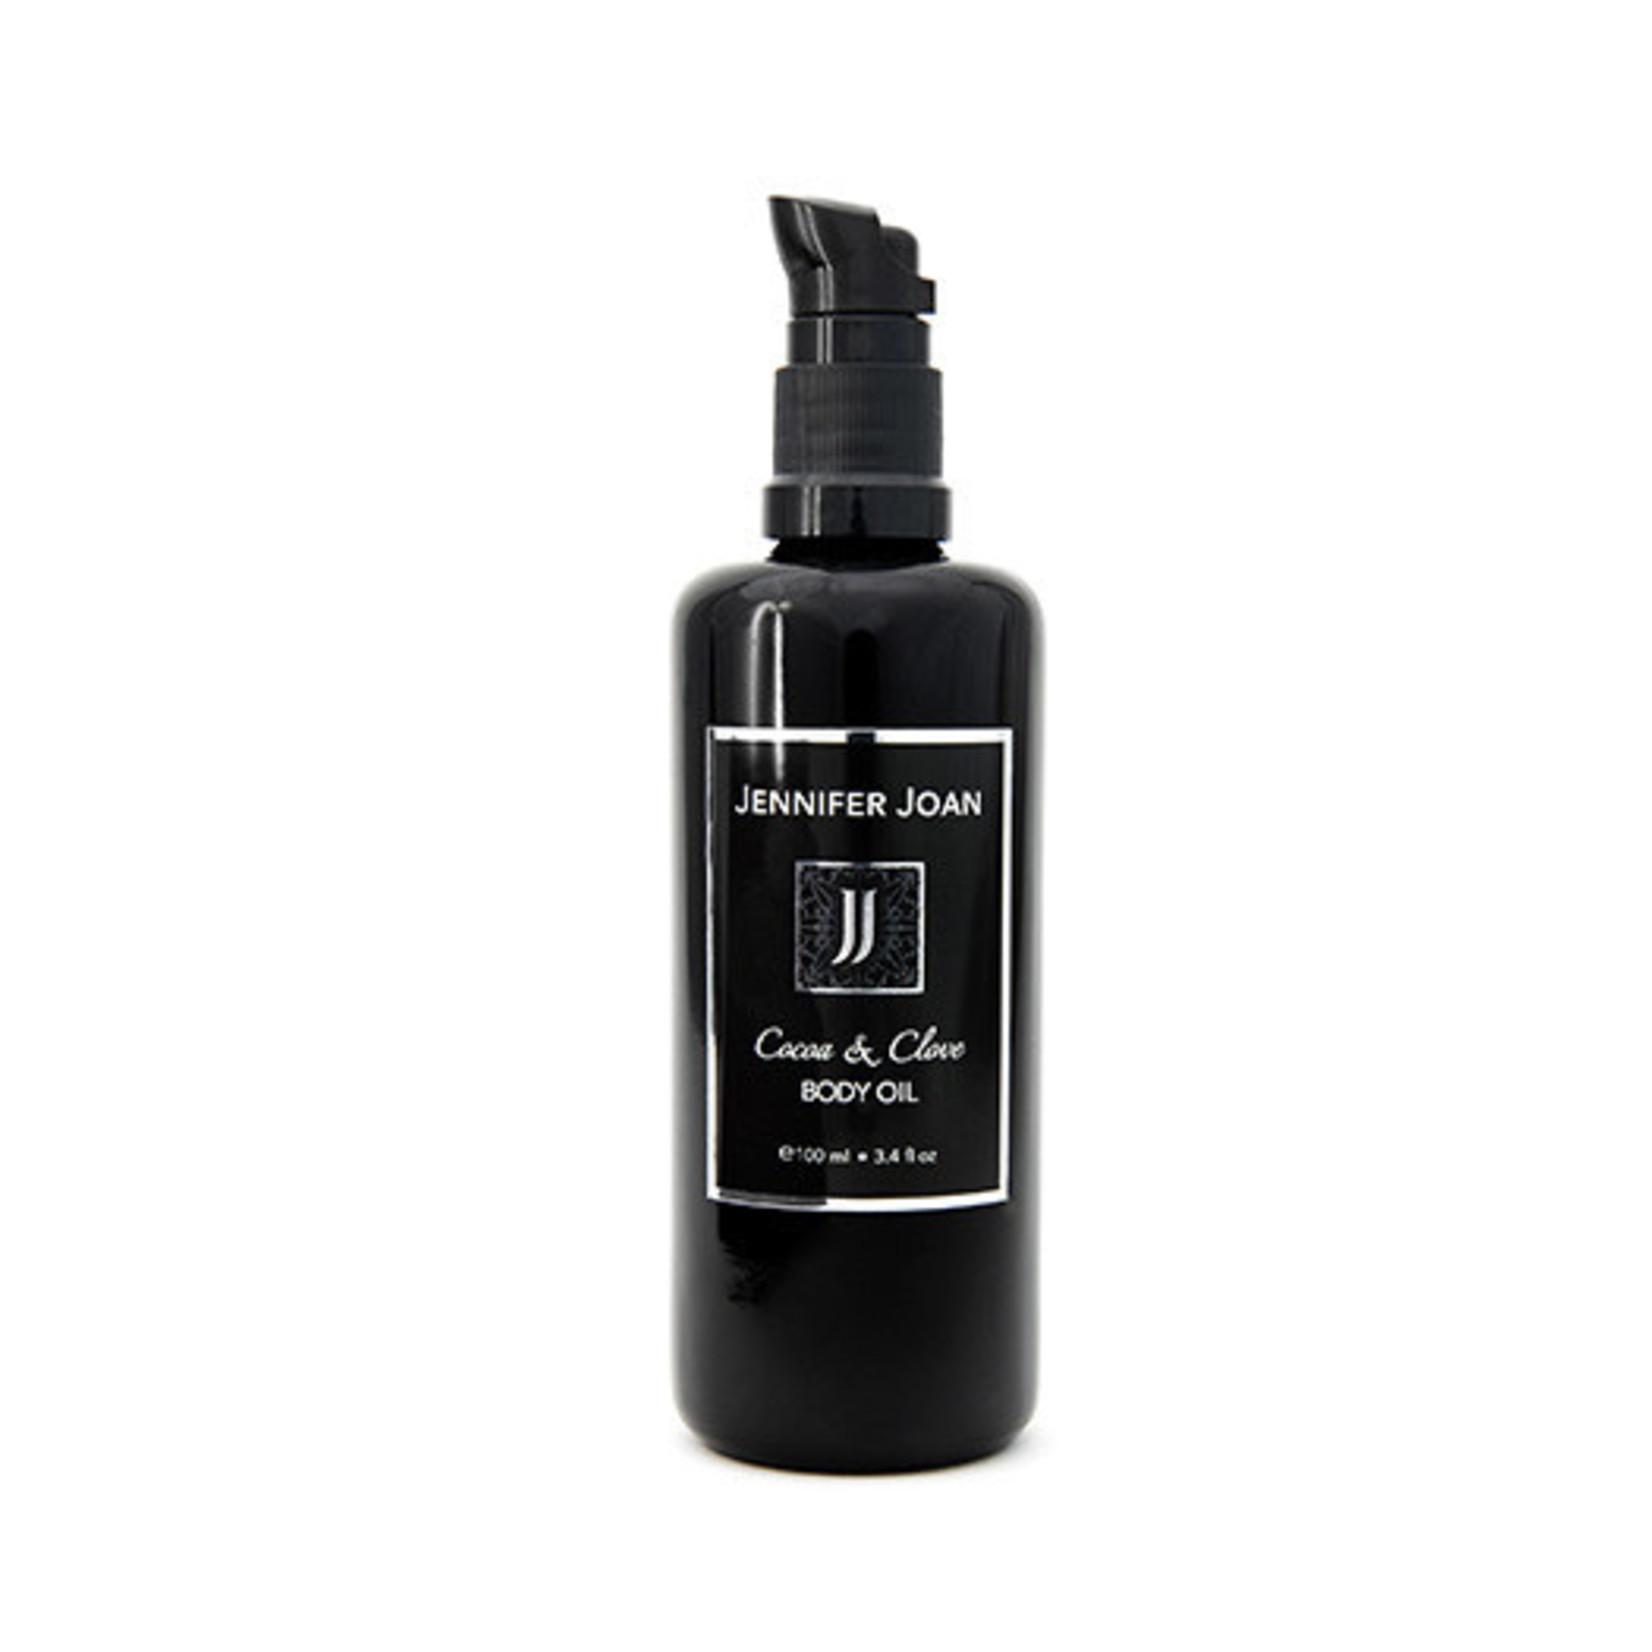 JENNIFER JOAN Cocoa + Clove Body Oil